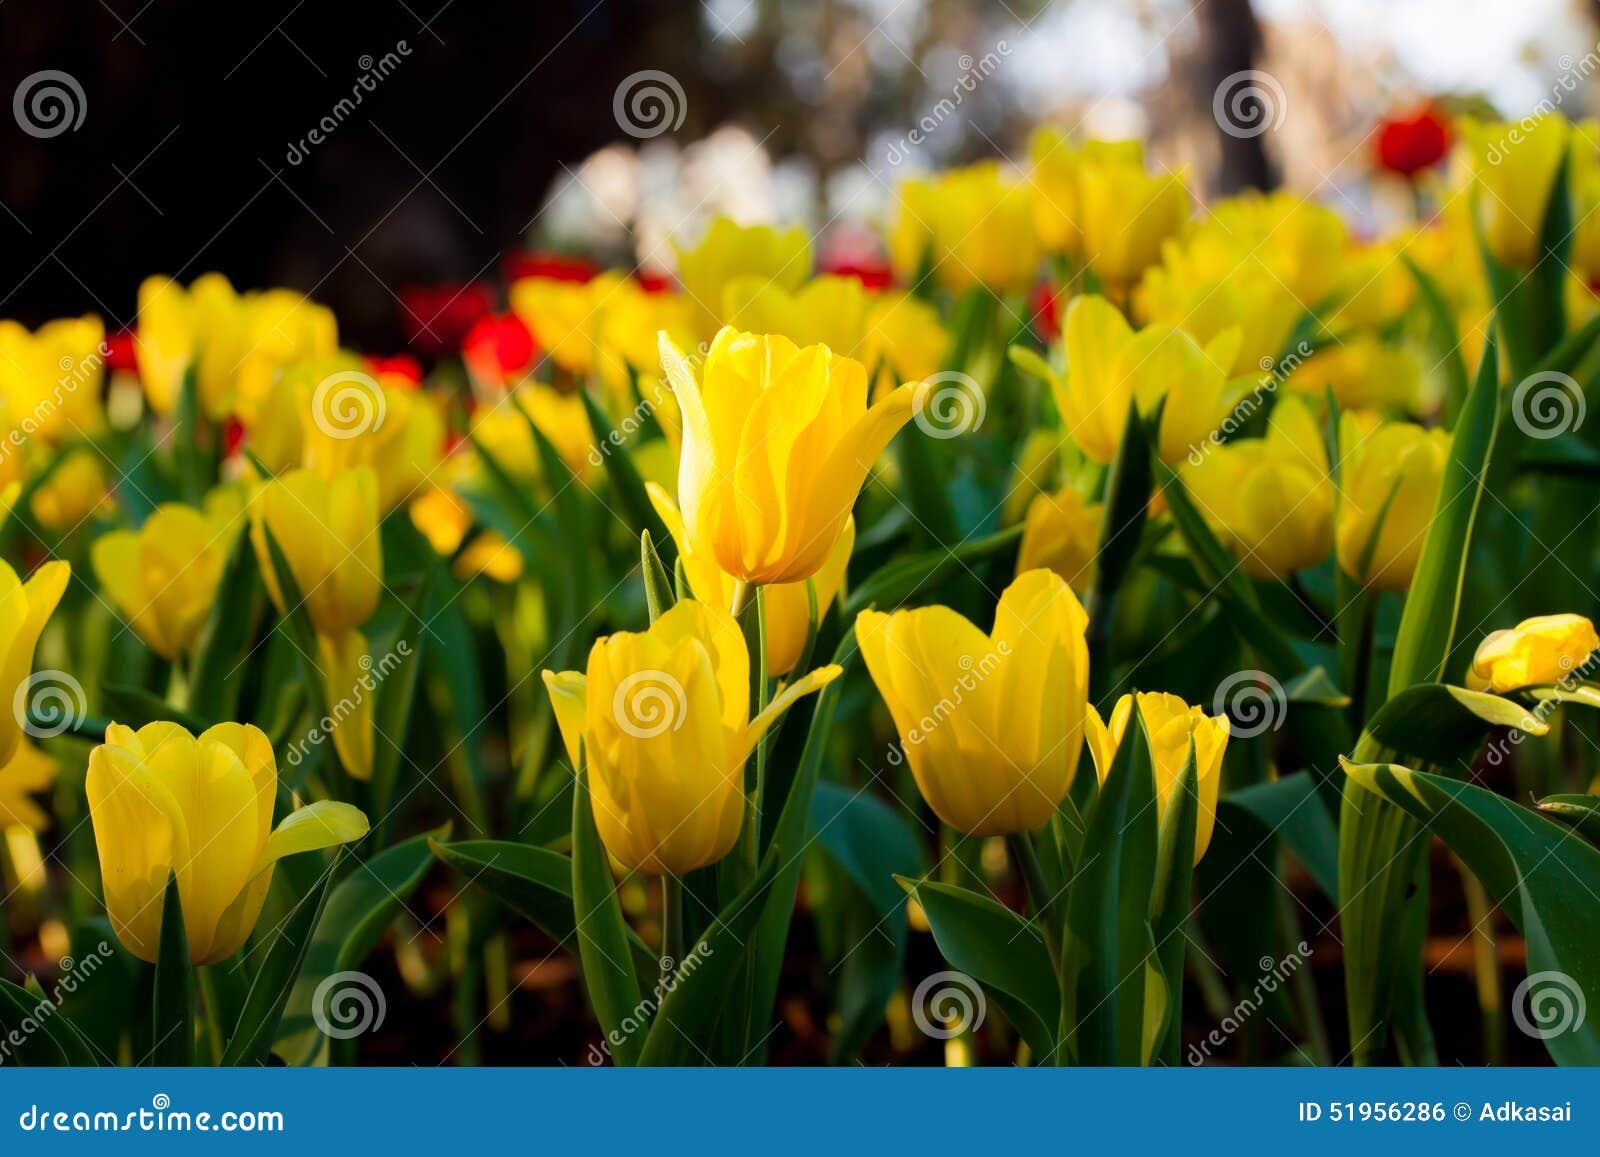 Lampada Fiore Tulipano : Bei fiori del tulipano della primavera nel giardino di notte